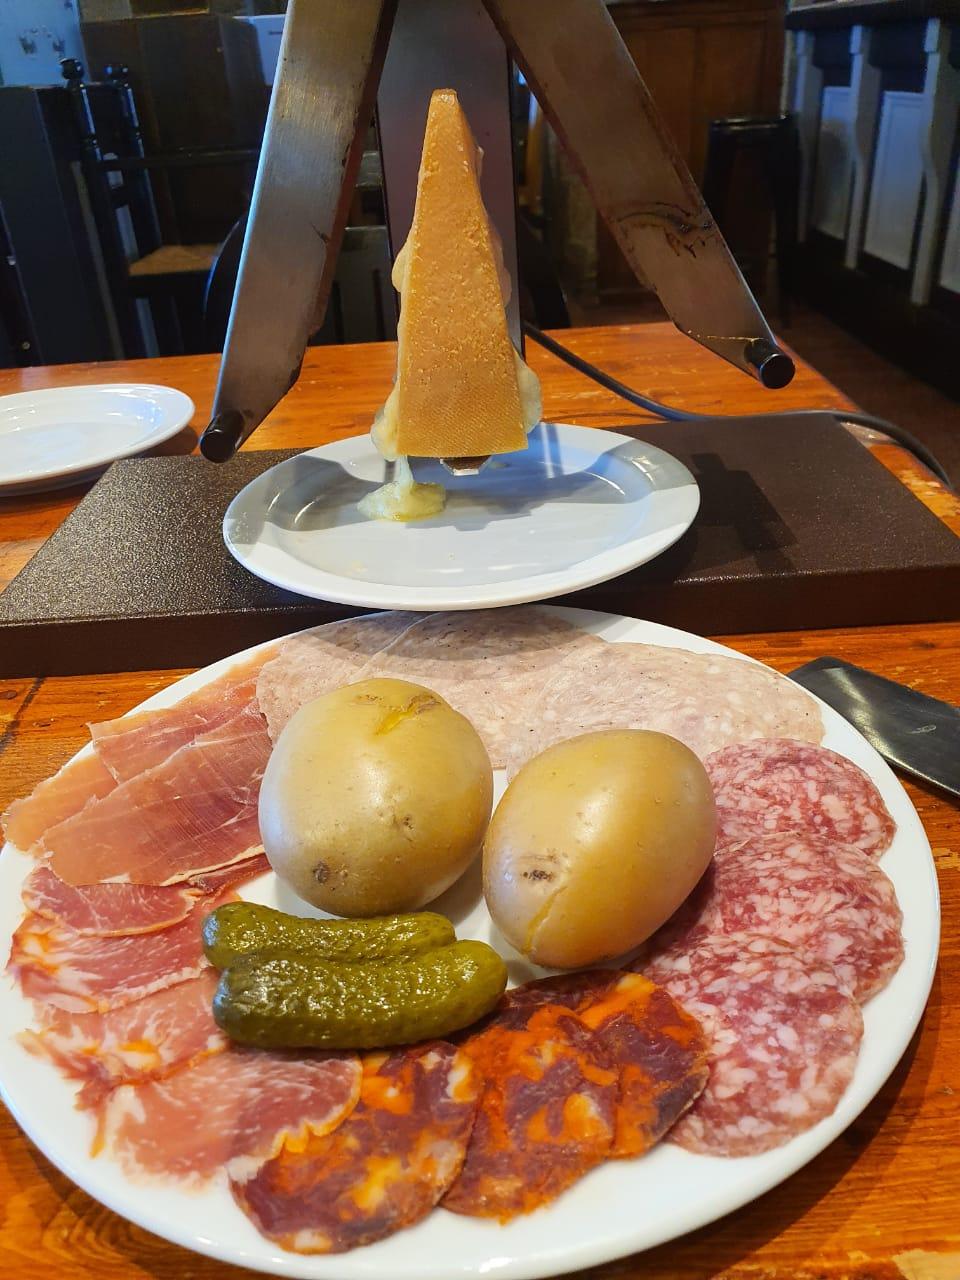 Raclette de leche cruda y embutidos ibéricos de Bellota en Restaurant Pas de la Casa